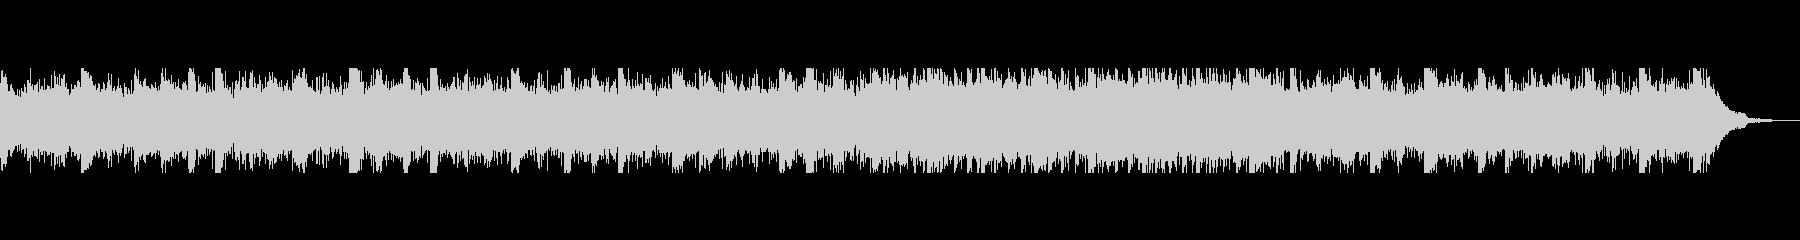 アコースティックギターセンチメンタルの未再生の波形